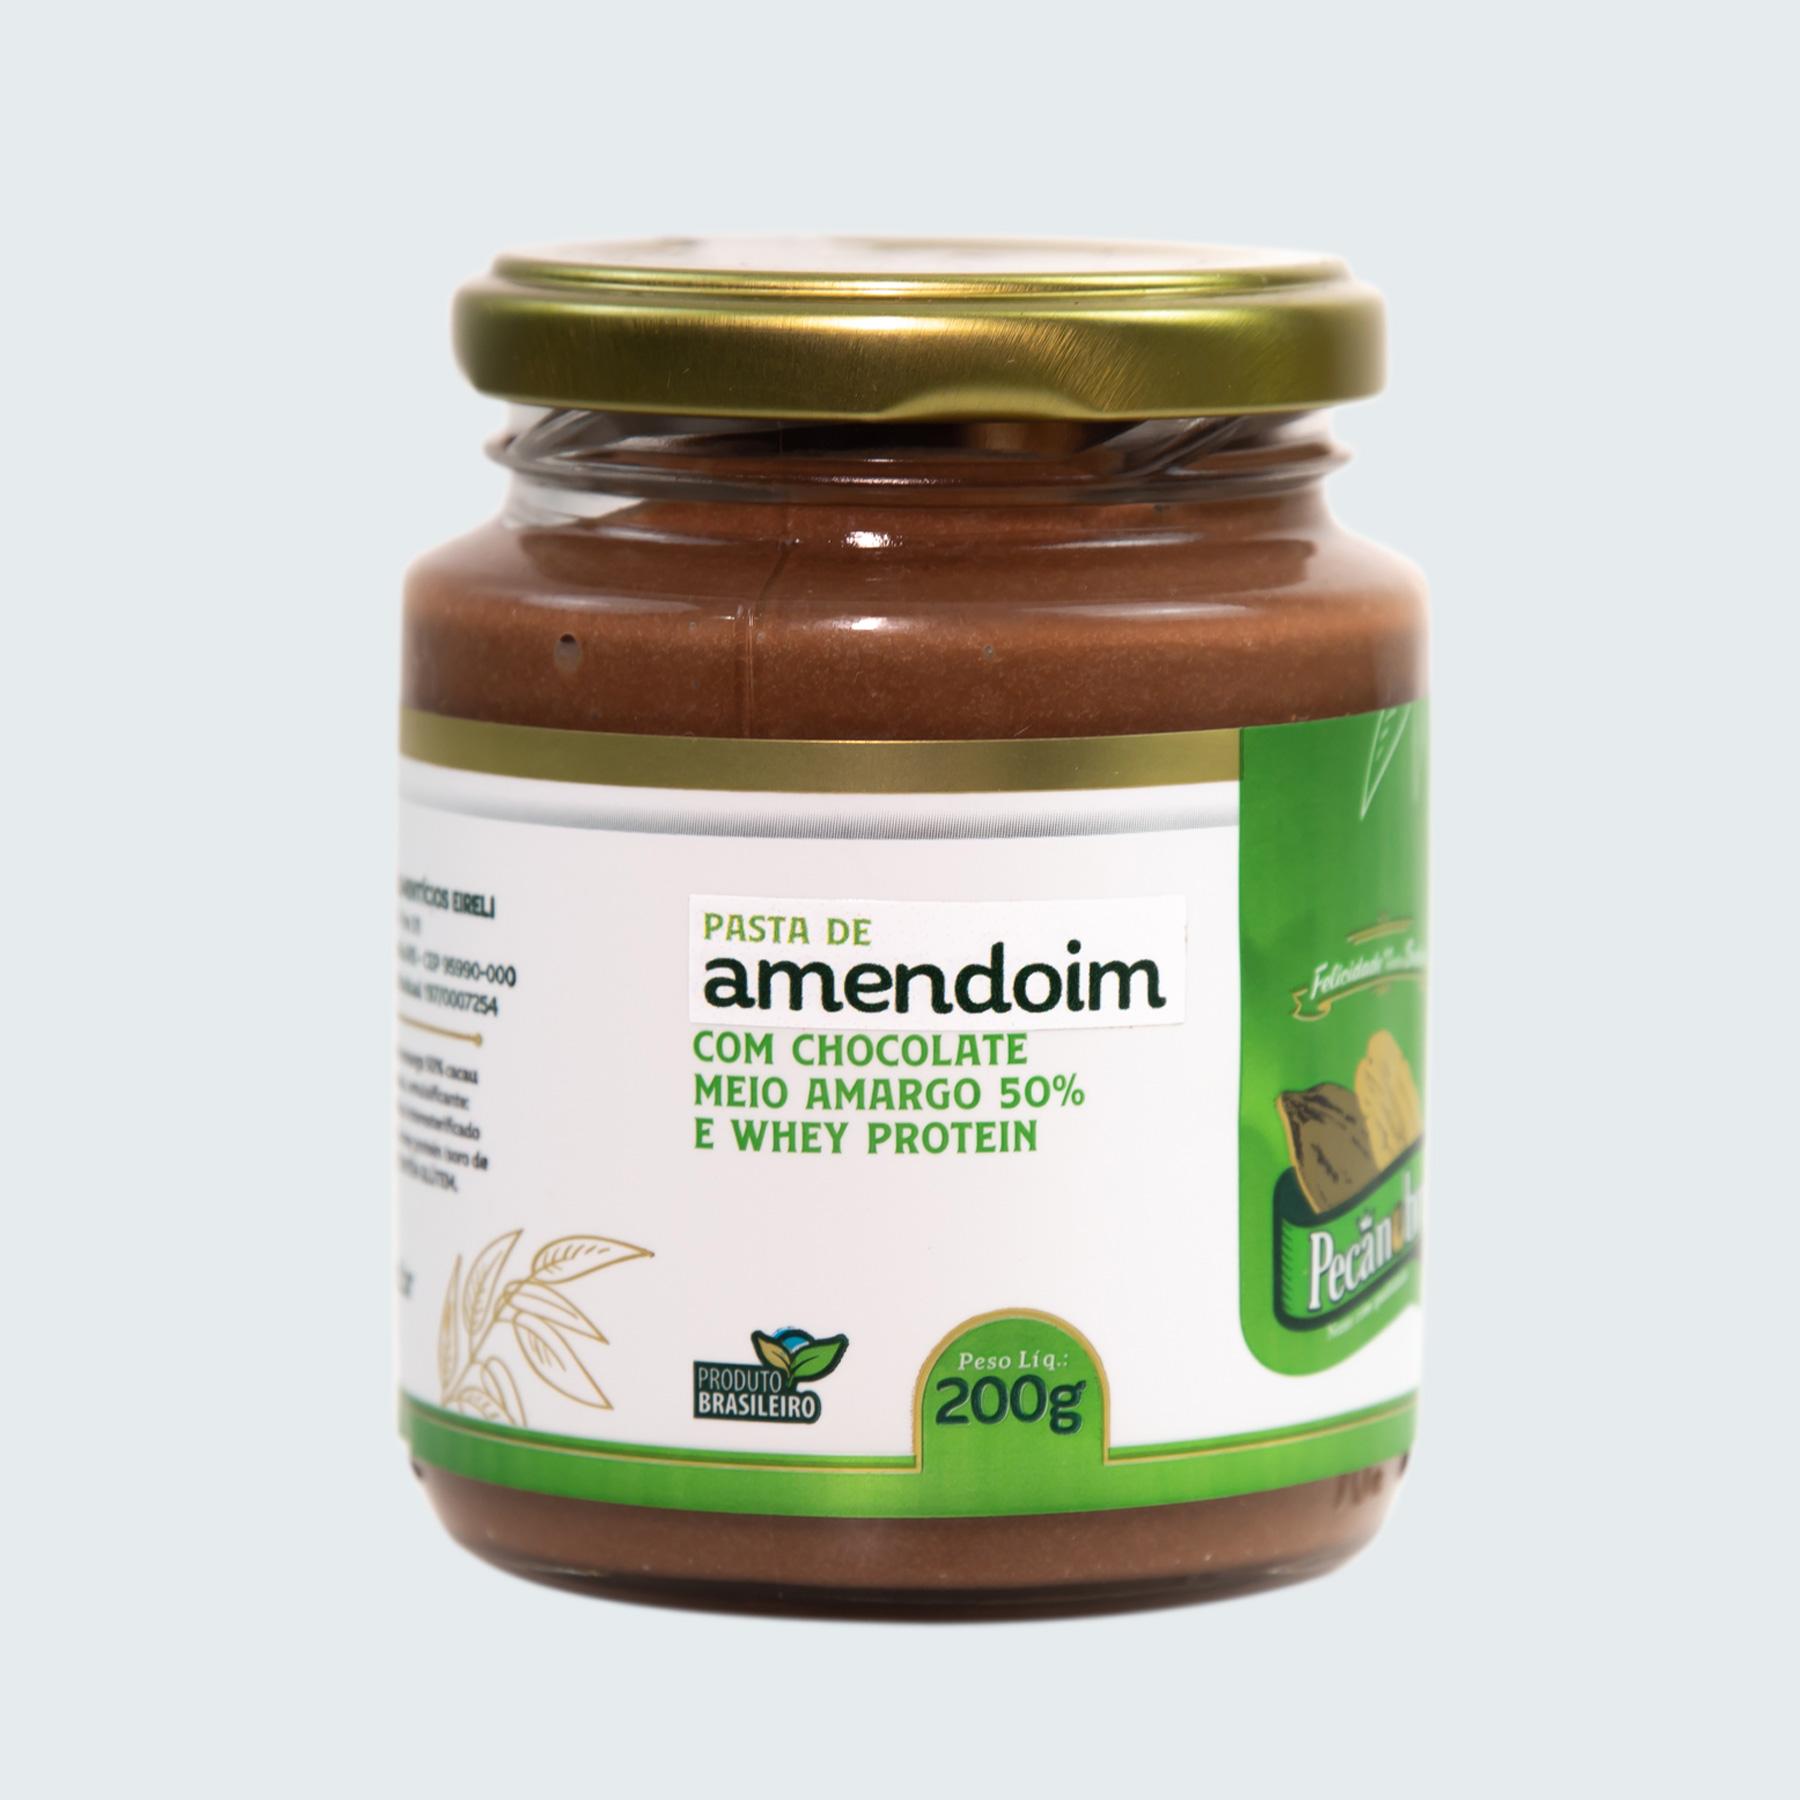 PASTA DE AMENDOIM COM CHOCOLATE 50% CACAU...